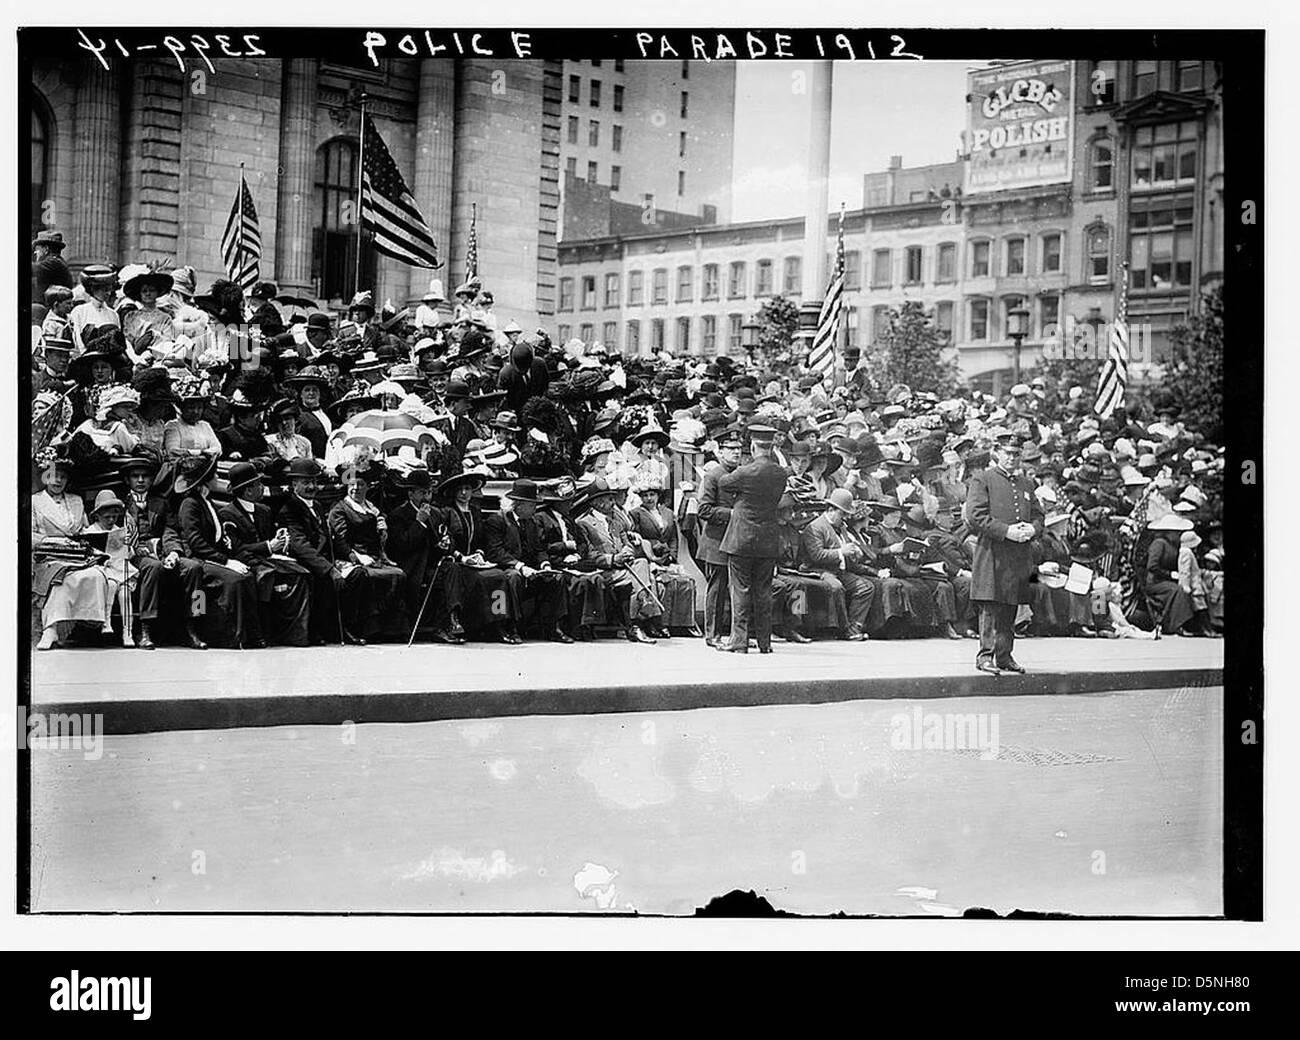 Police Parade, 1912 (LOC) - Stock Image